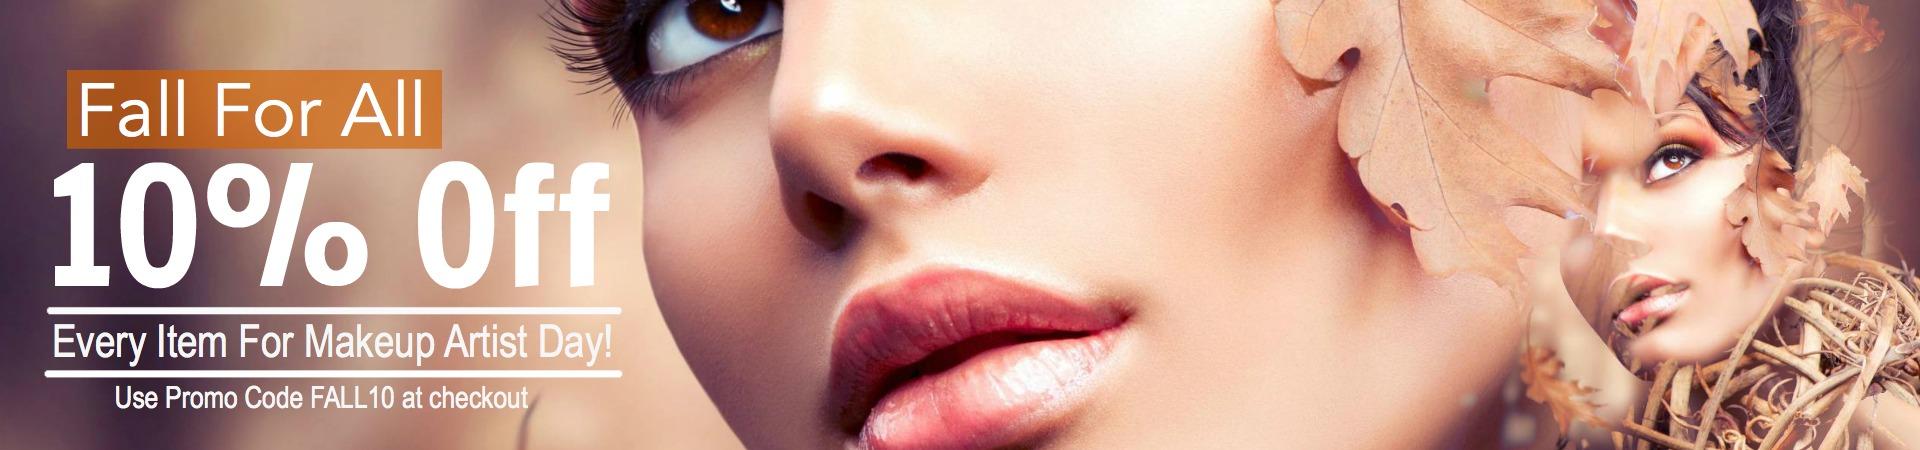 Makeup Artist Supplies SAVE NOW